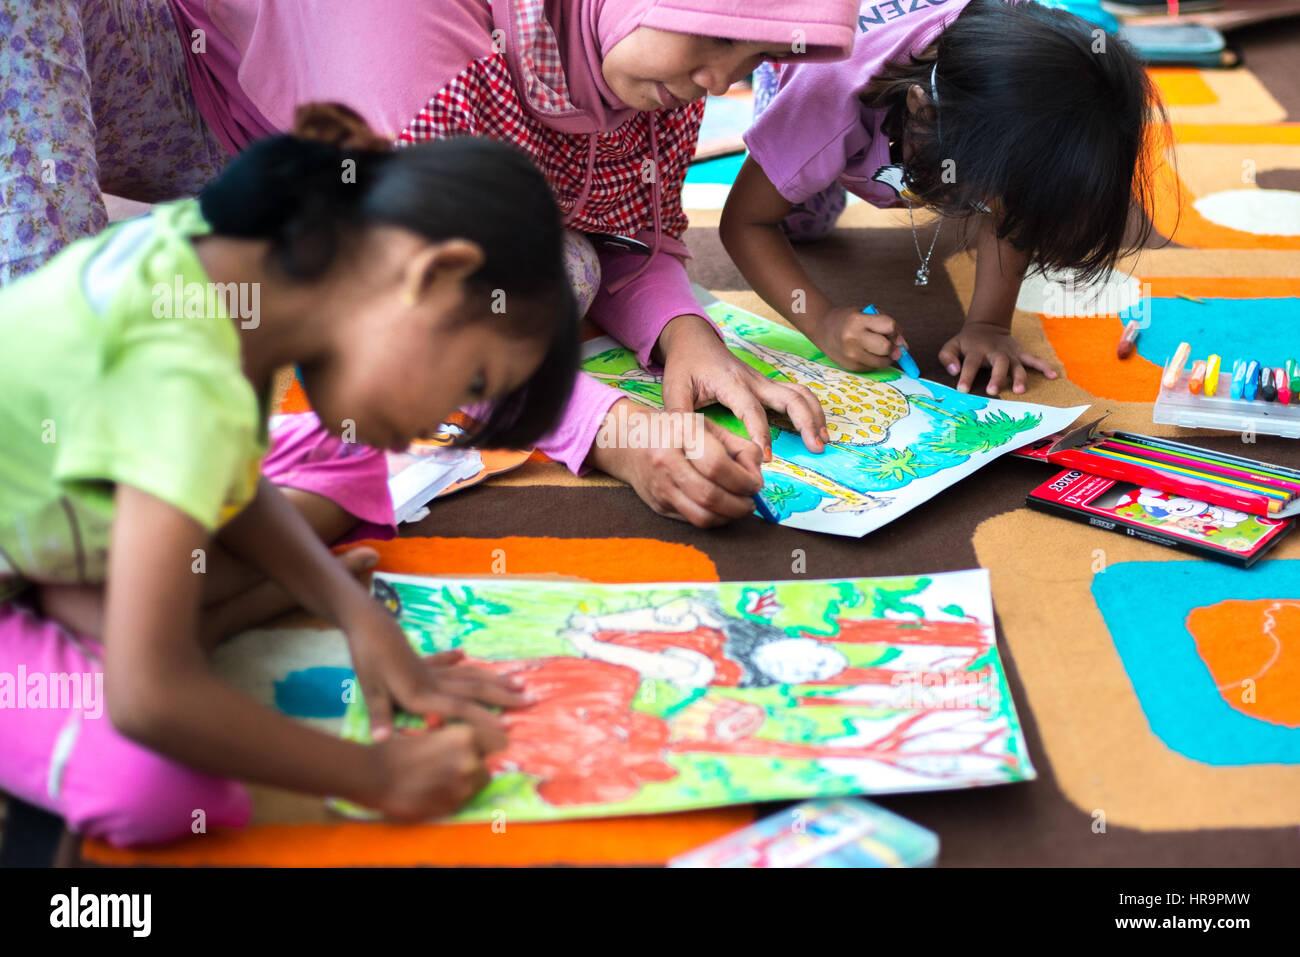 Femmina di disegno per bambini con la madre. Immagini Stock